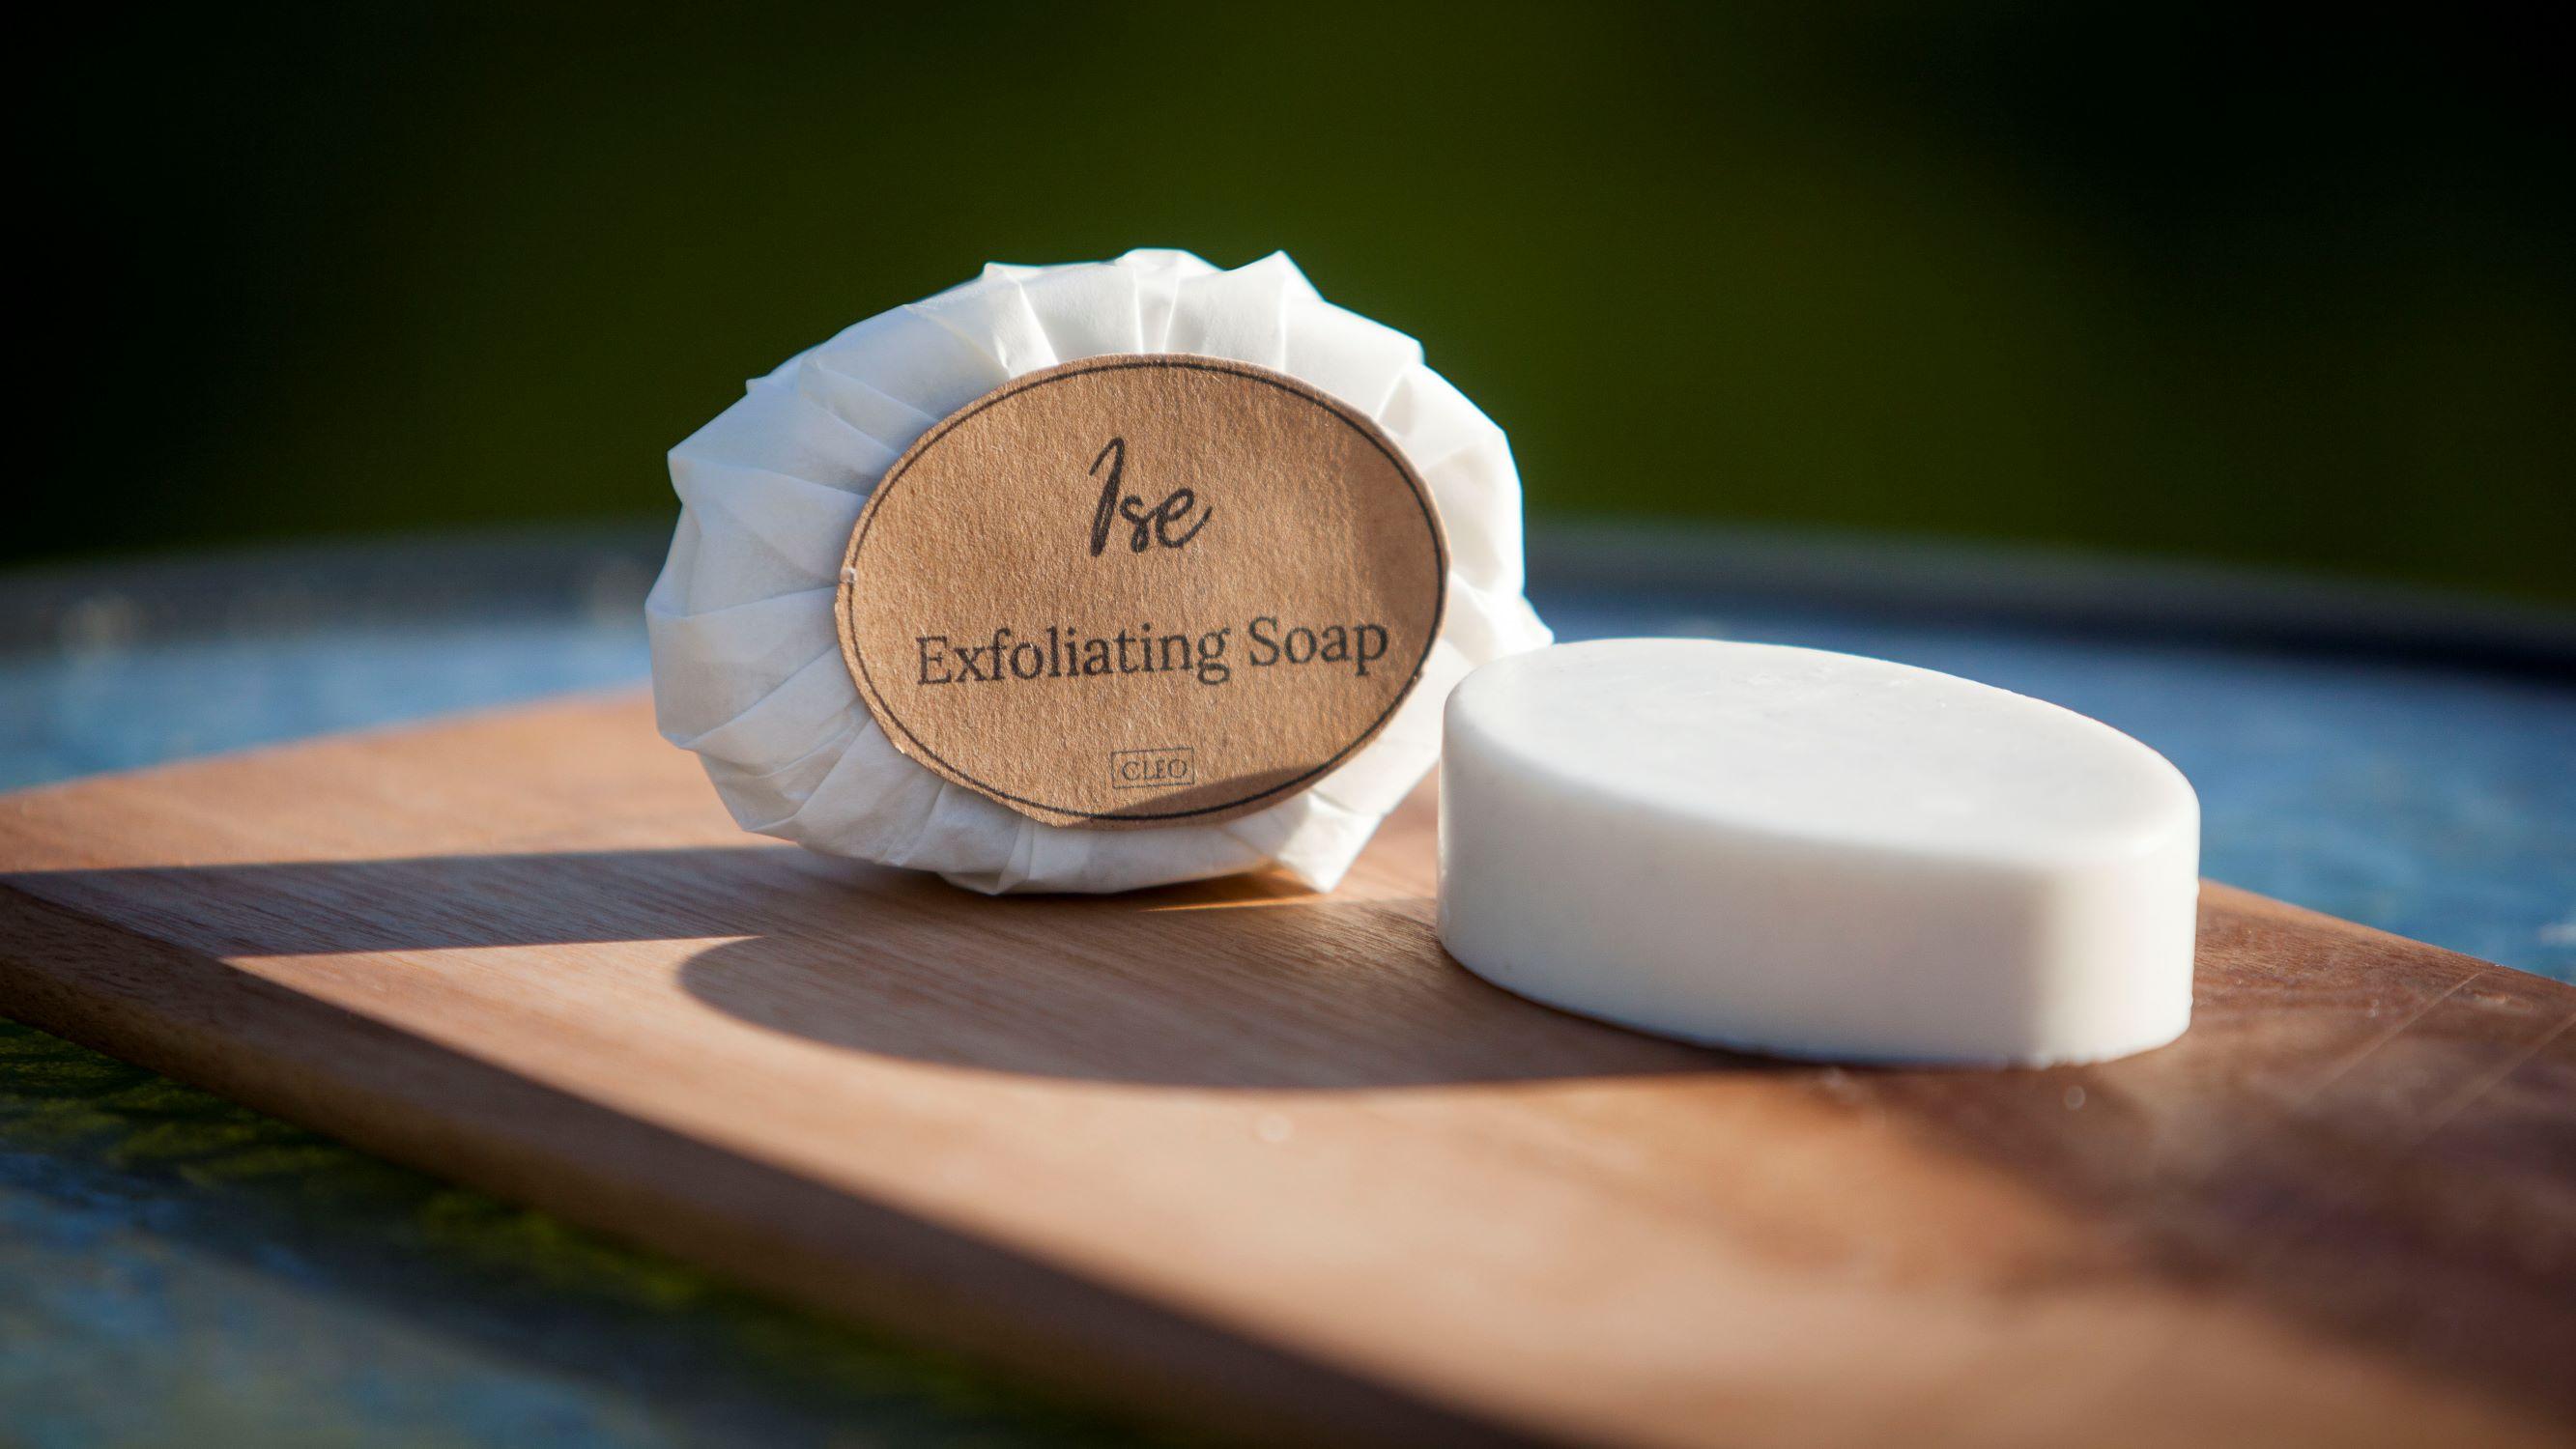 Íse Soap Image